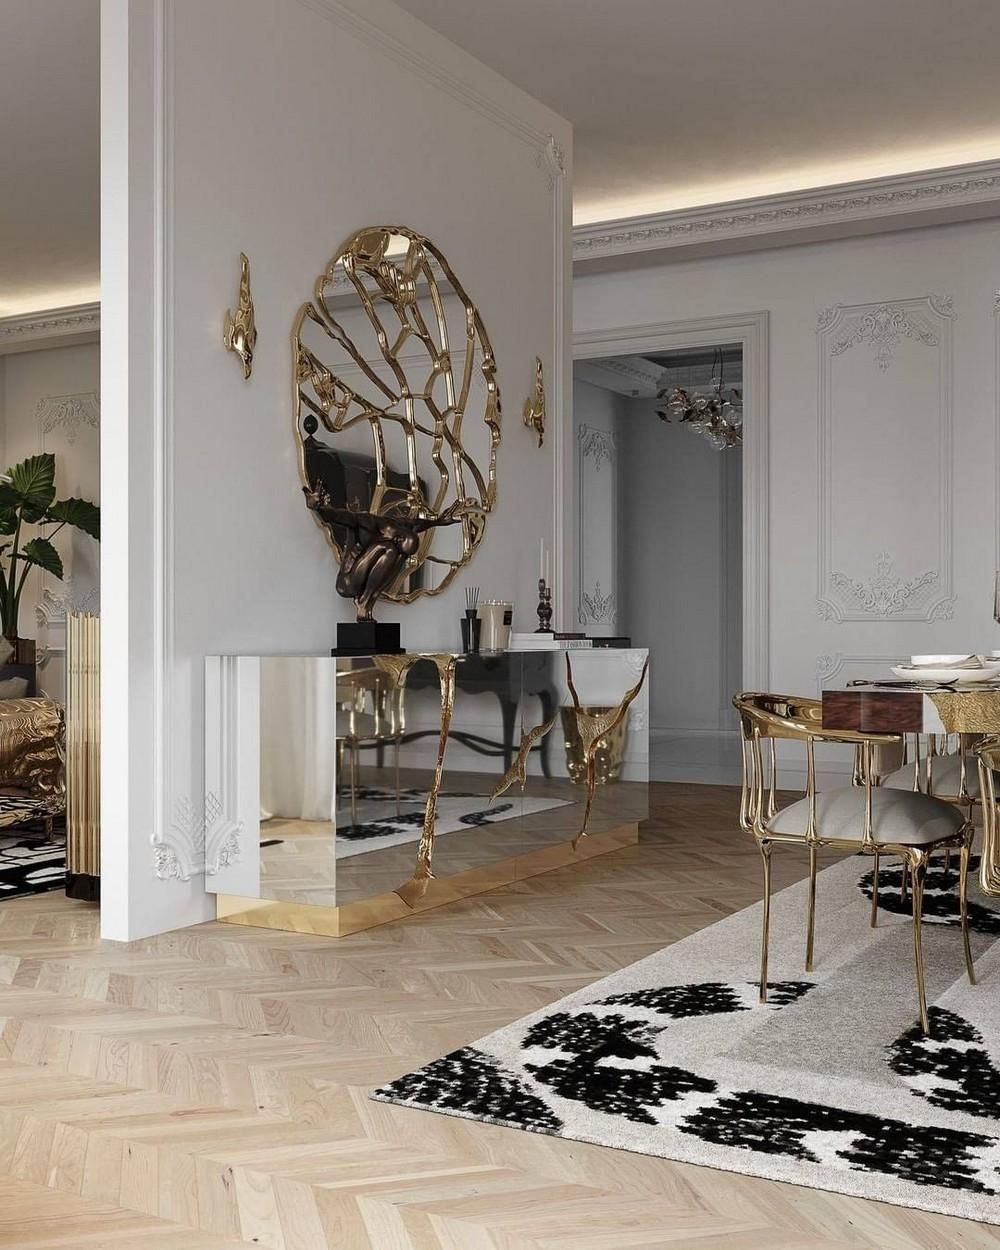 Comedores lujuosos: Inspiraciónes perfectas para un Diseño de interior moderno comedores lujuosos Comedores lujuosos: Inspiraciónes perfectas para un Diseño de interior moderno 3